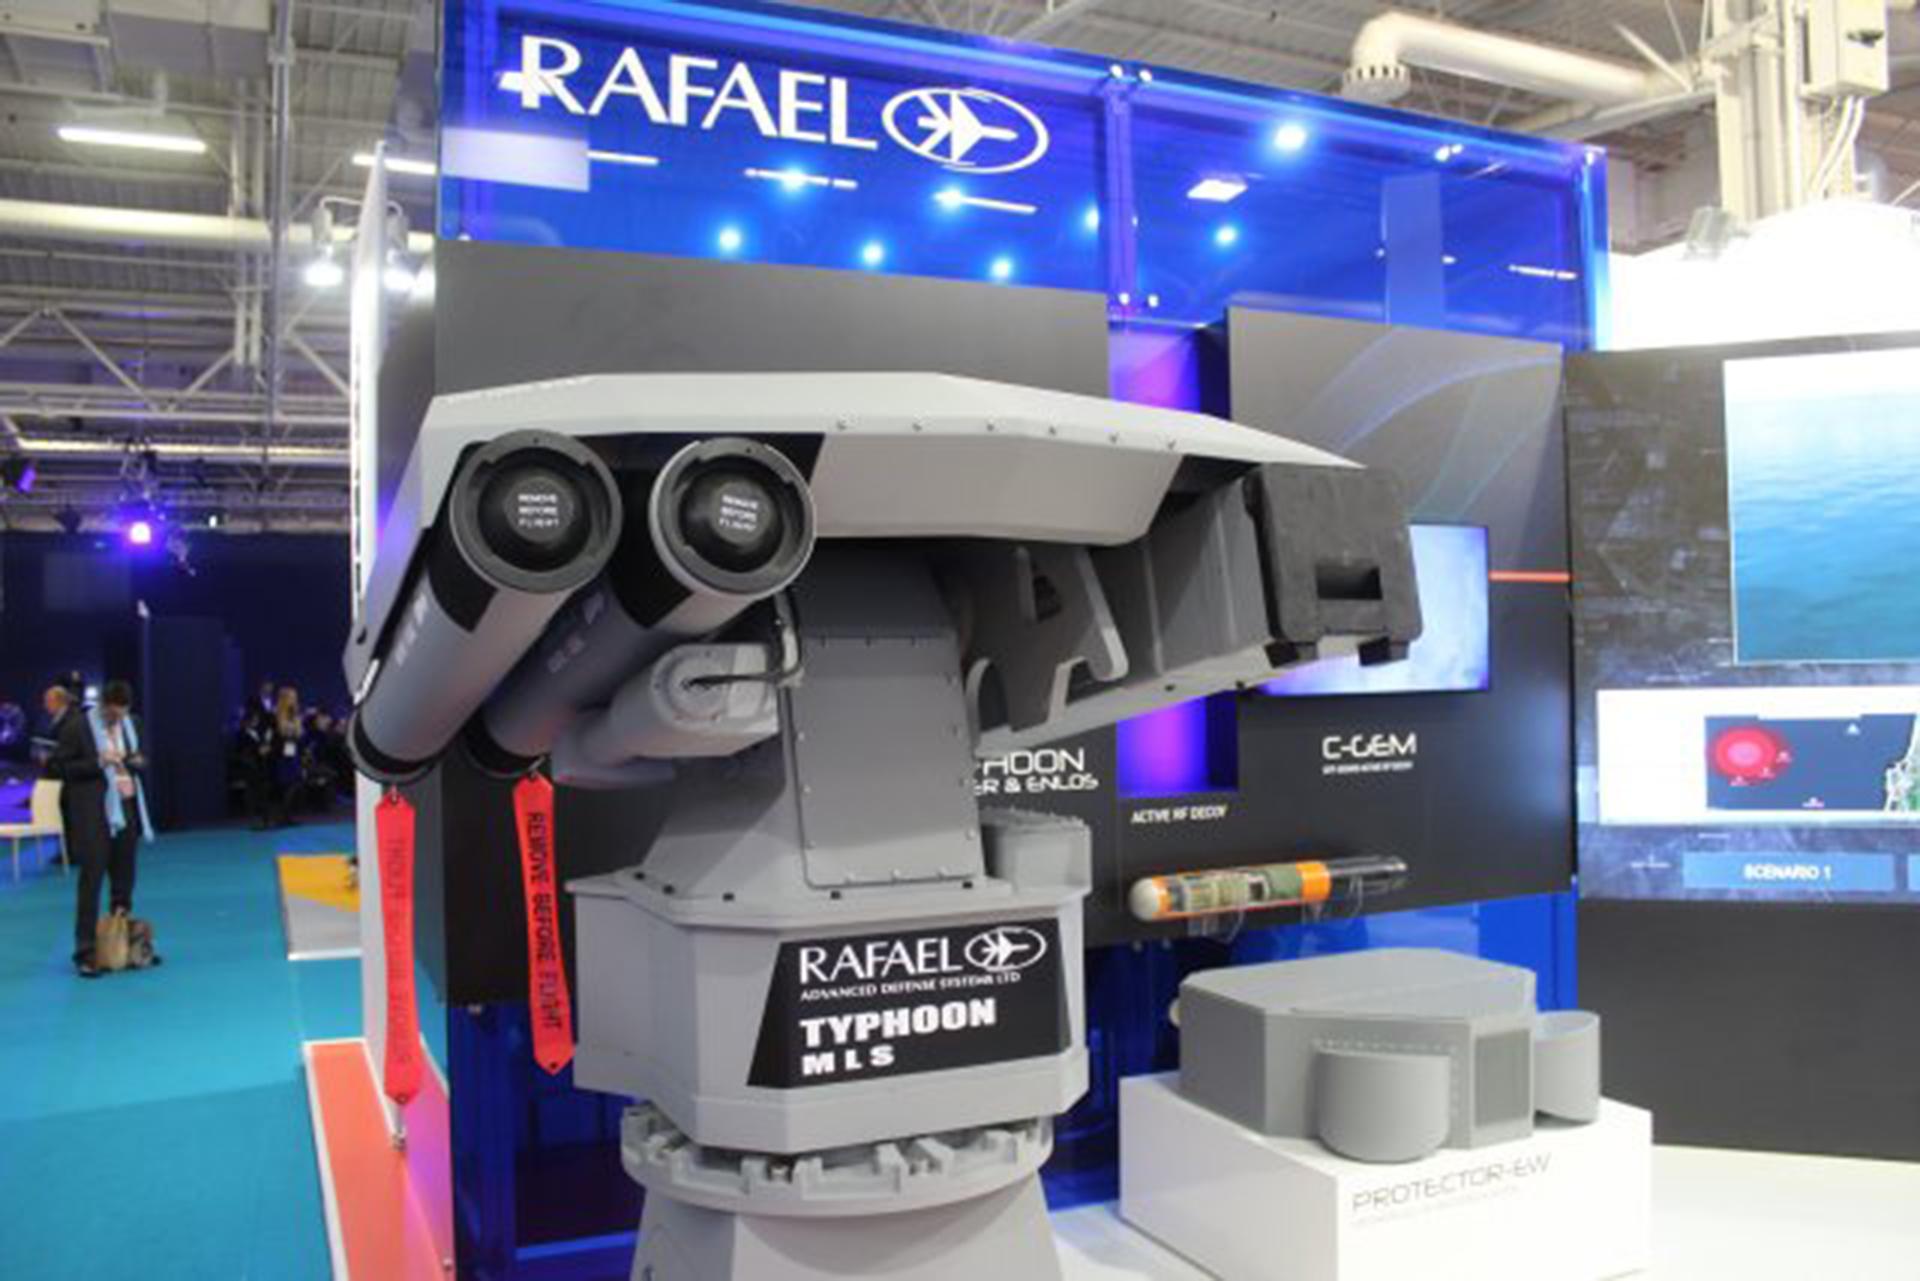 La compañía israelita Rafael ofrece soluciones de software y equipamiento de defensa